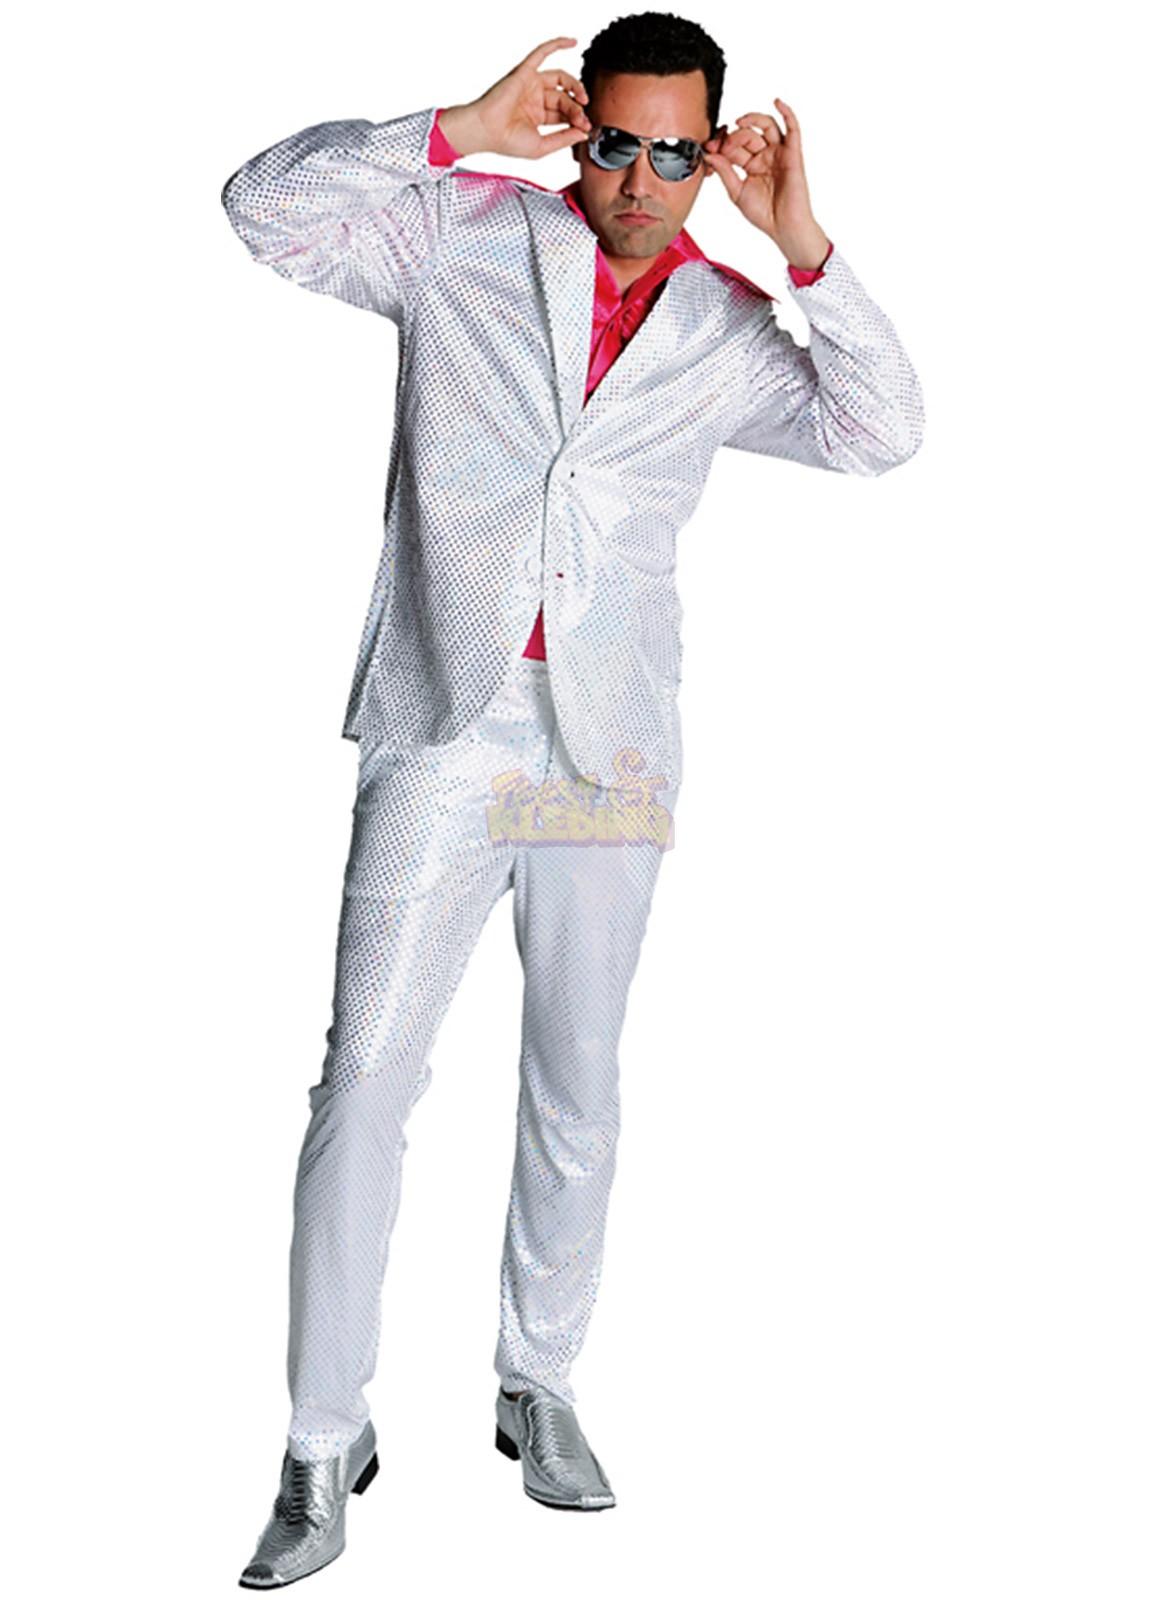 59b7dcedb307a1 Disco Glitter pak Zilver ☆ Groot aanbod van feestkleding en feest ...